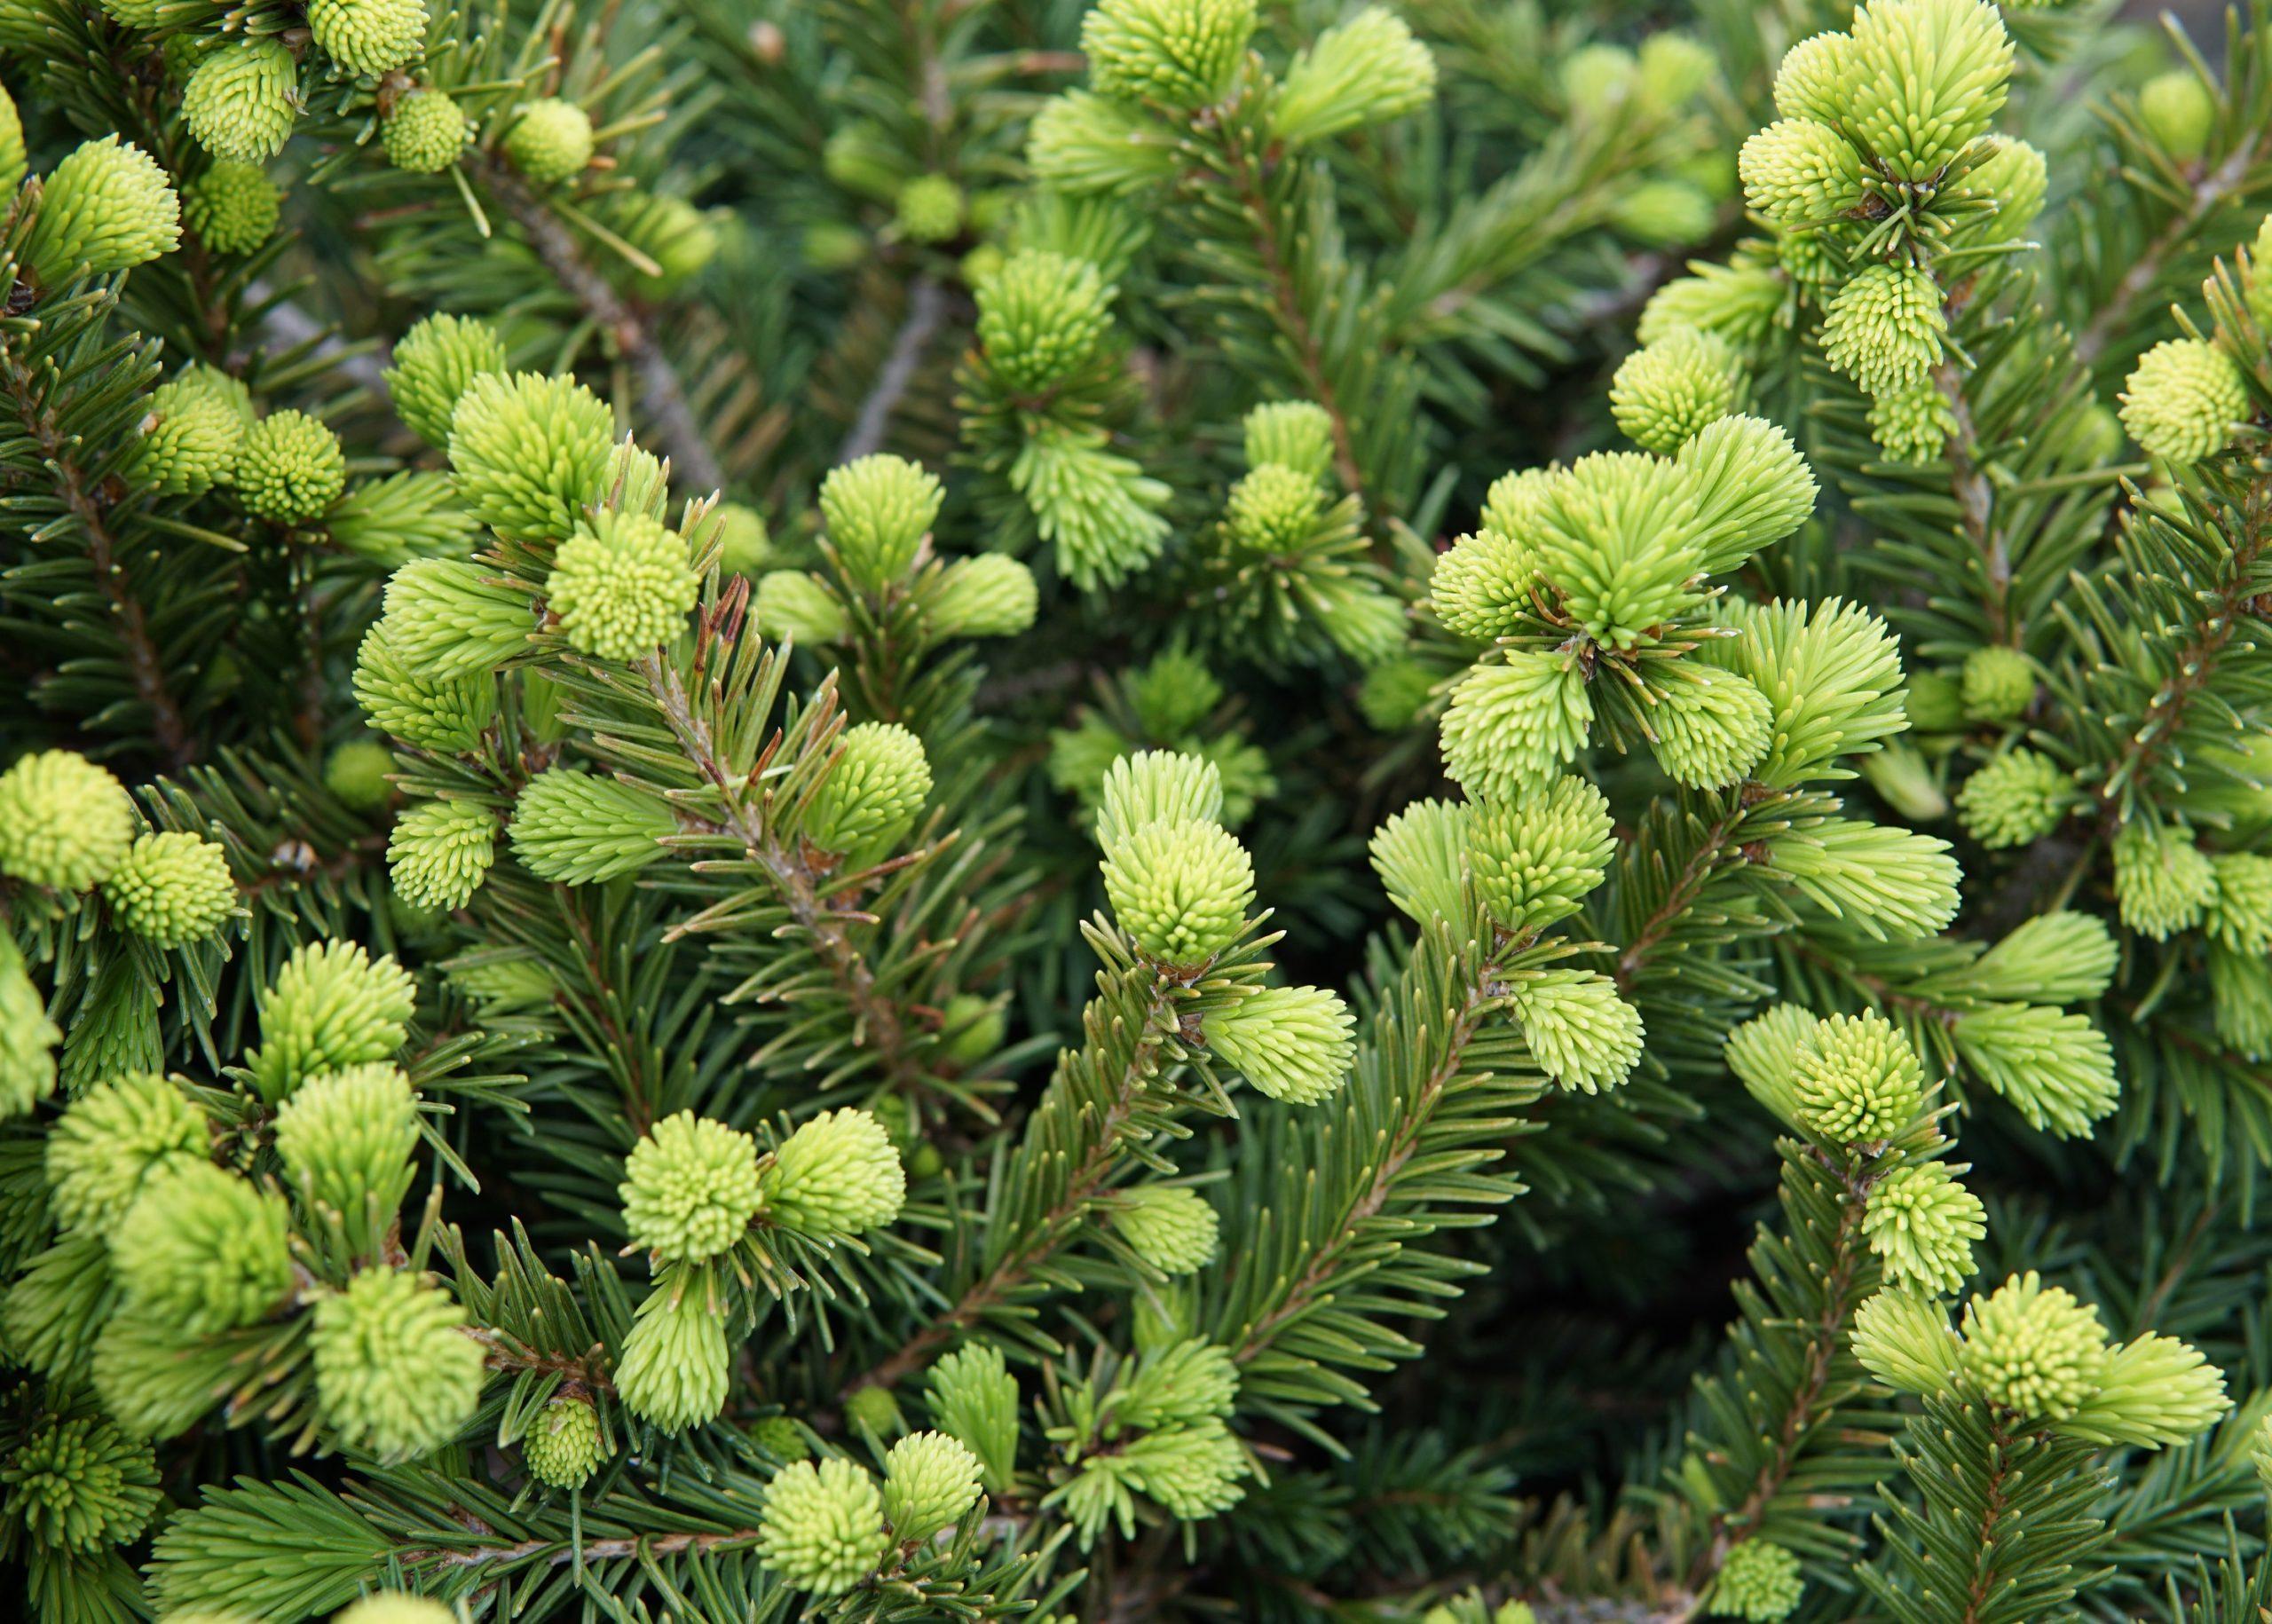 Dwarf Norway Spruce buds